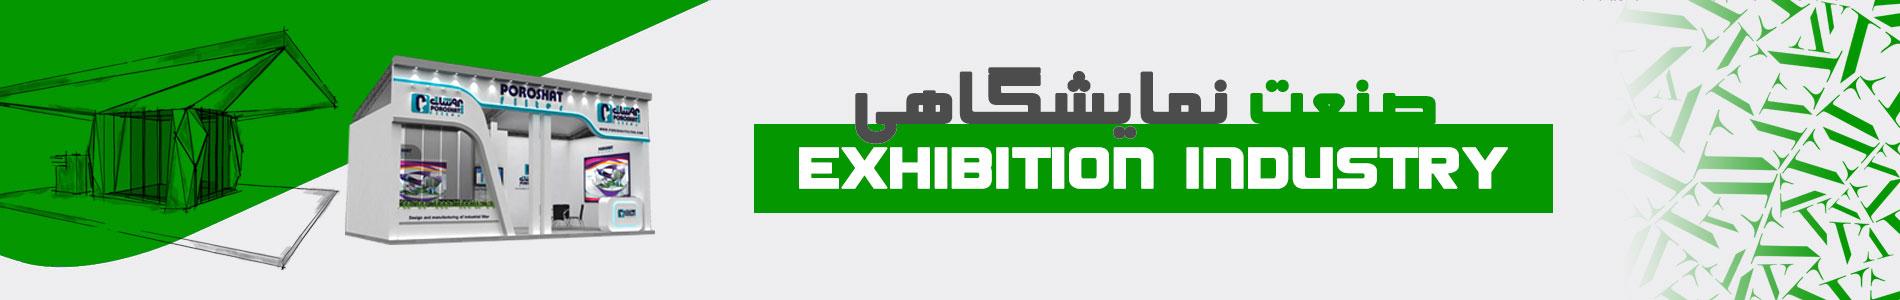 نمایشگاه تجاری صنعت نمایشگاه exhibition industry